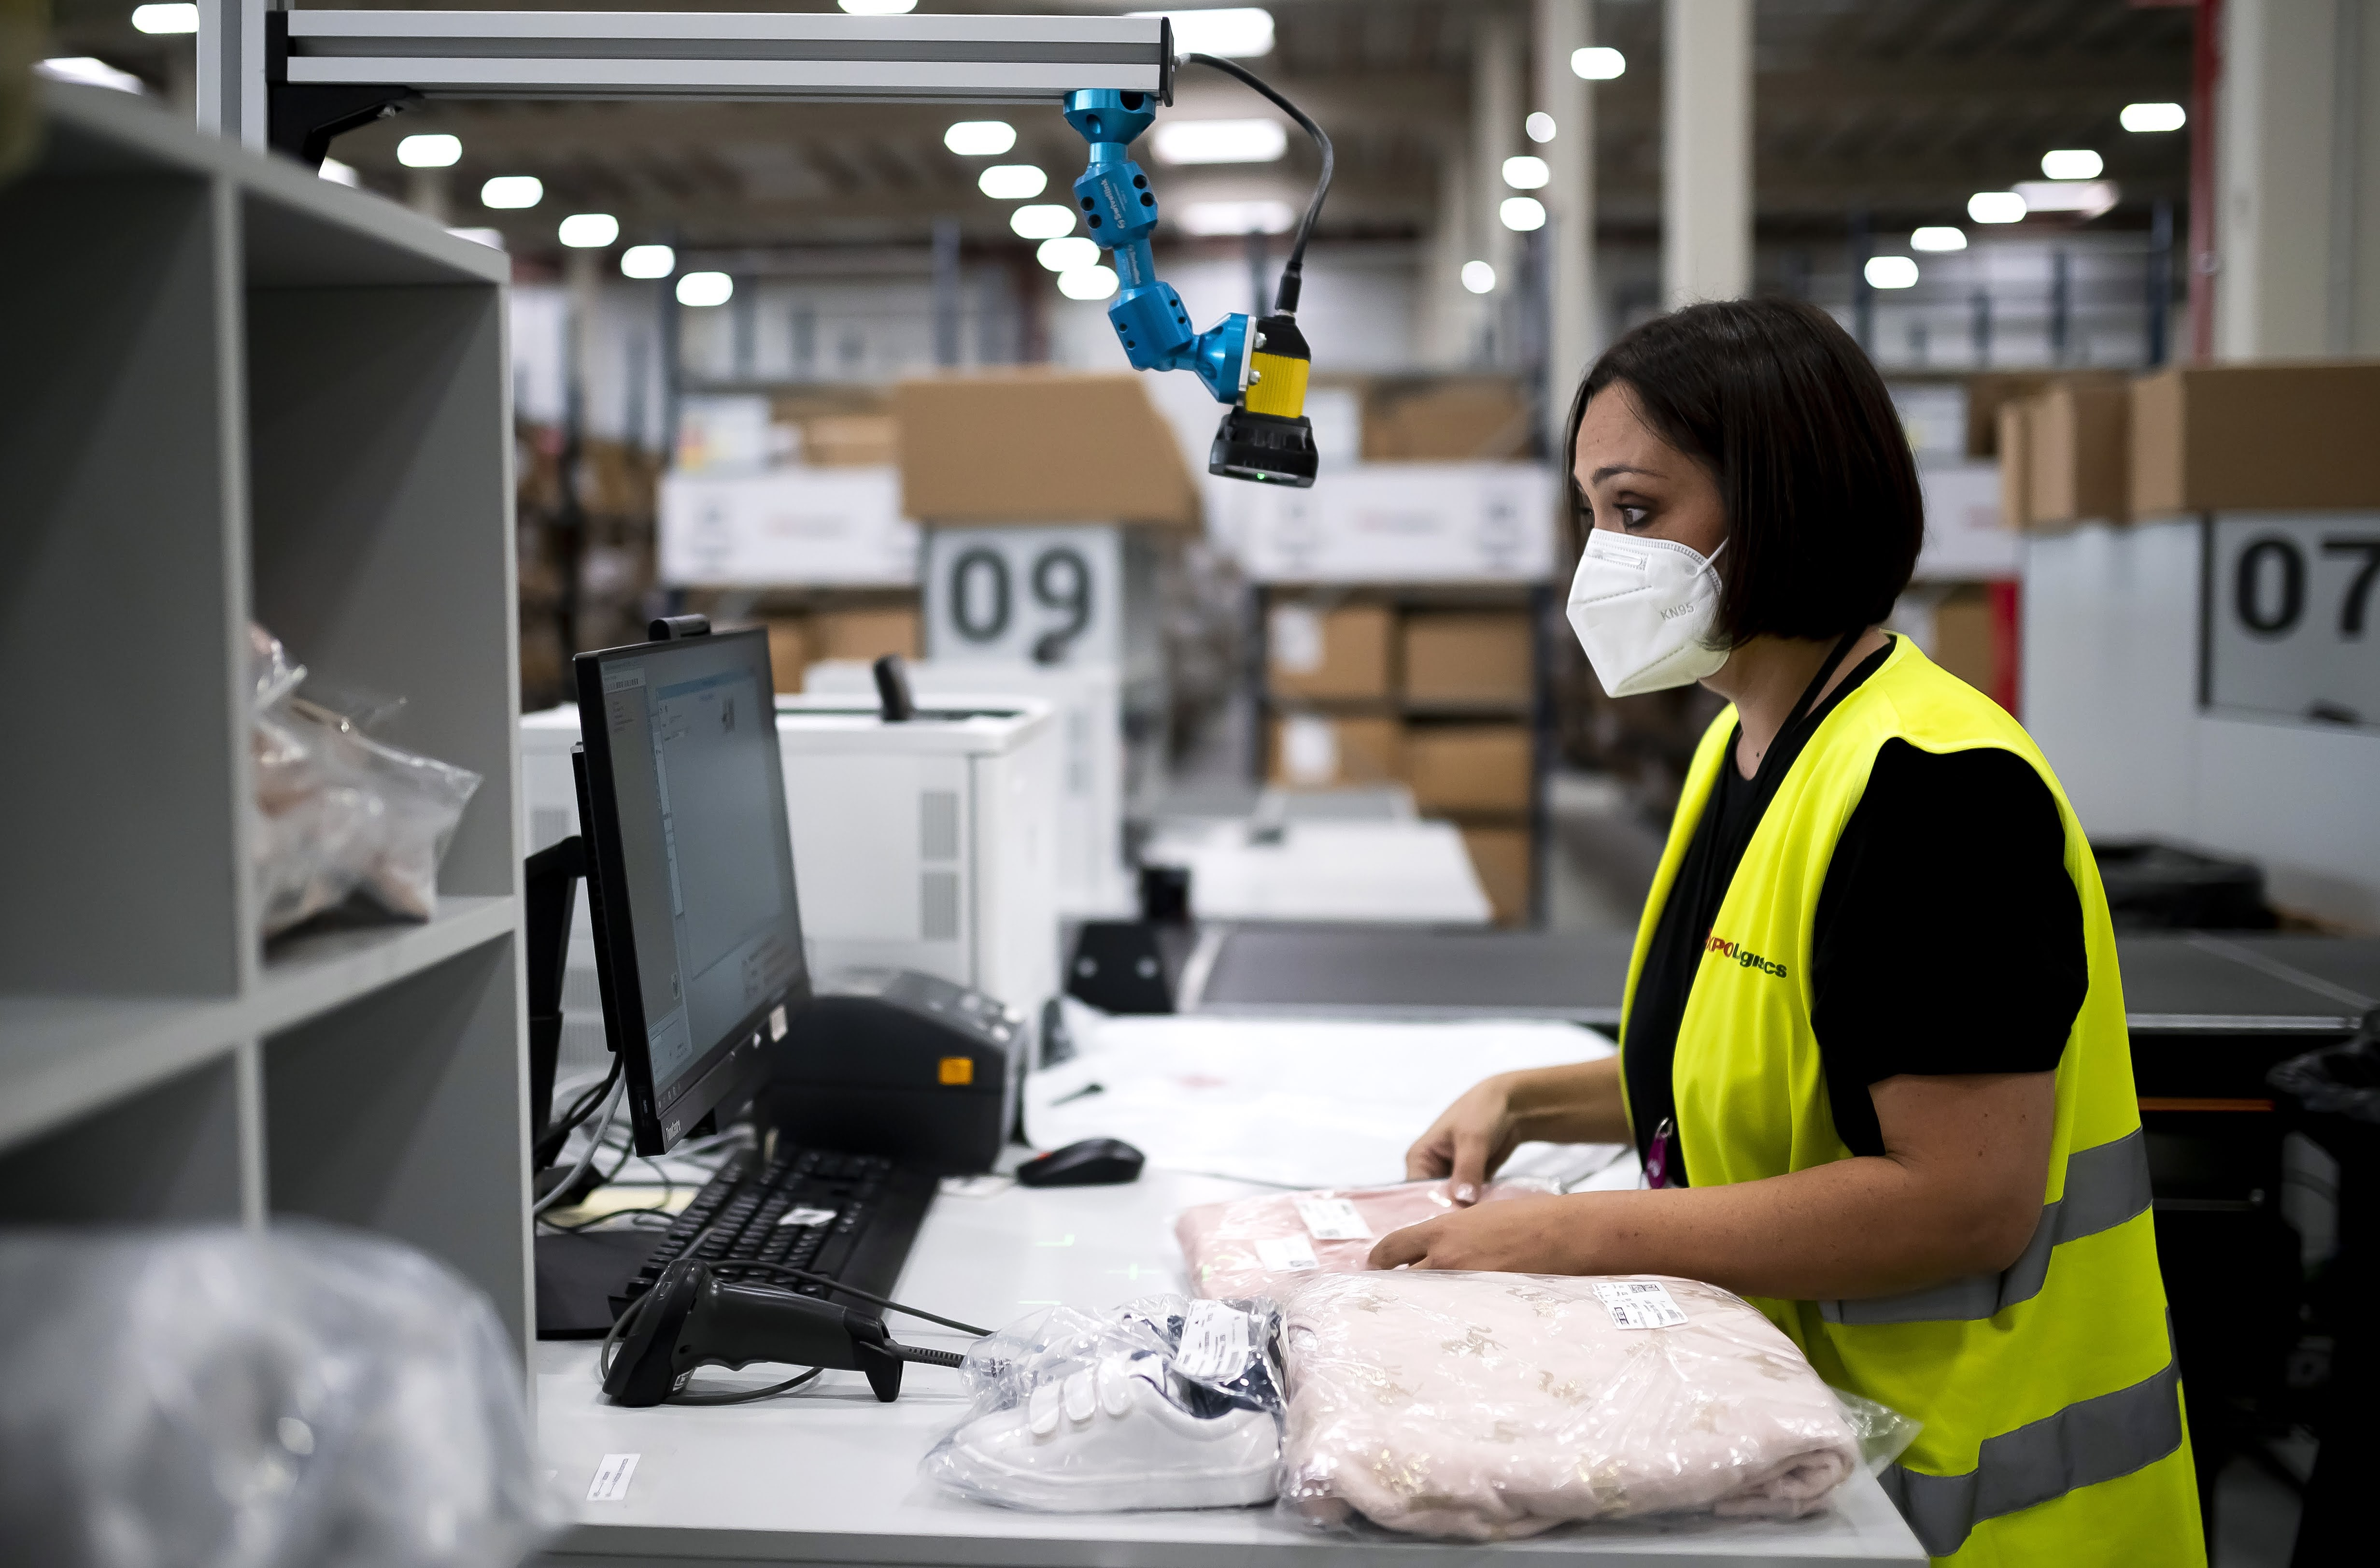 XPO Logistics zwiększa produktywność i bezpieczeństwo w magazynach e-commerce